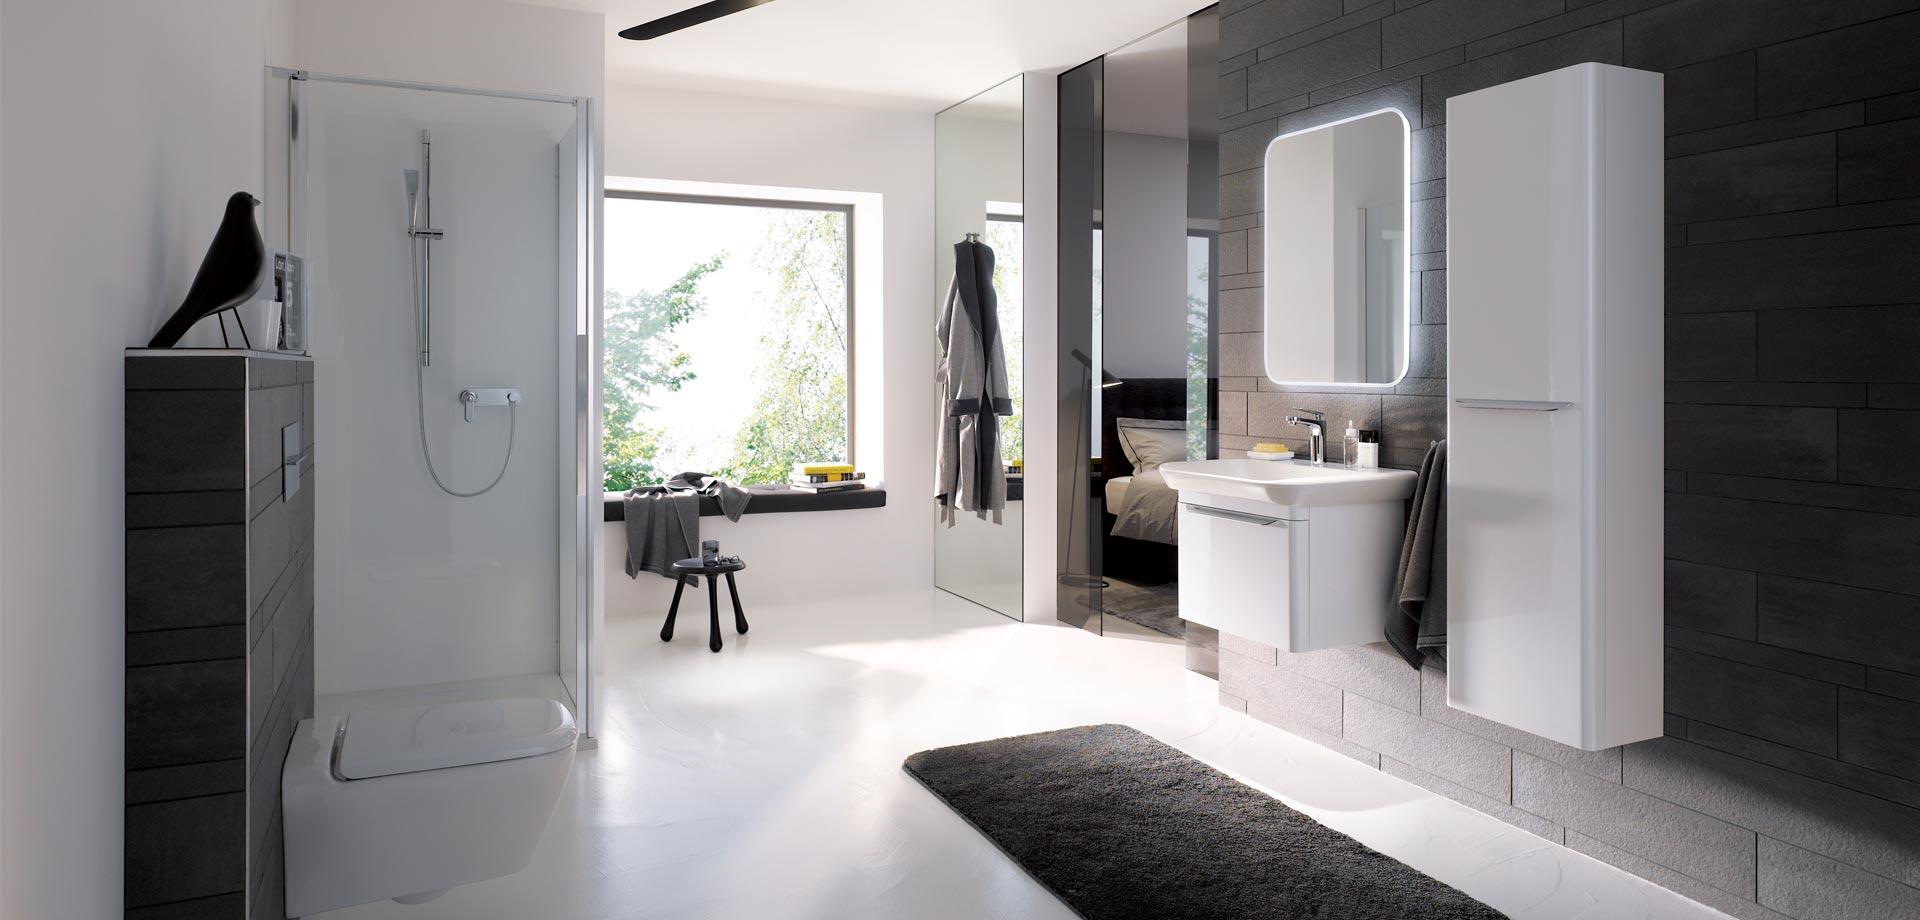 Salle De Bain Ekolux ~ best salle de bain et cuisine galerie photos et id es d coration